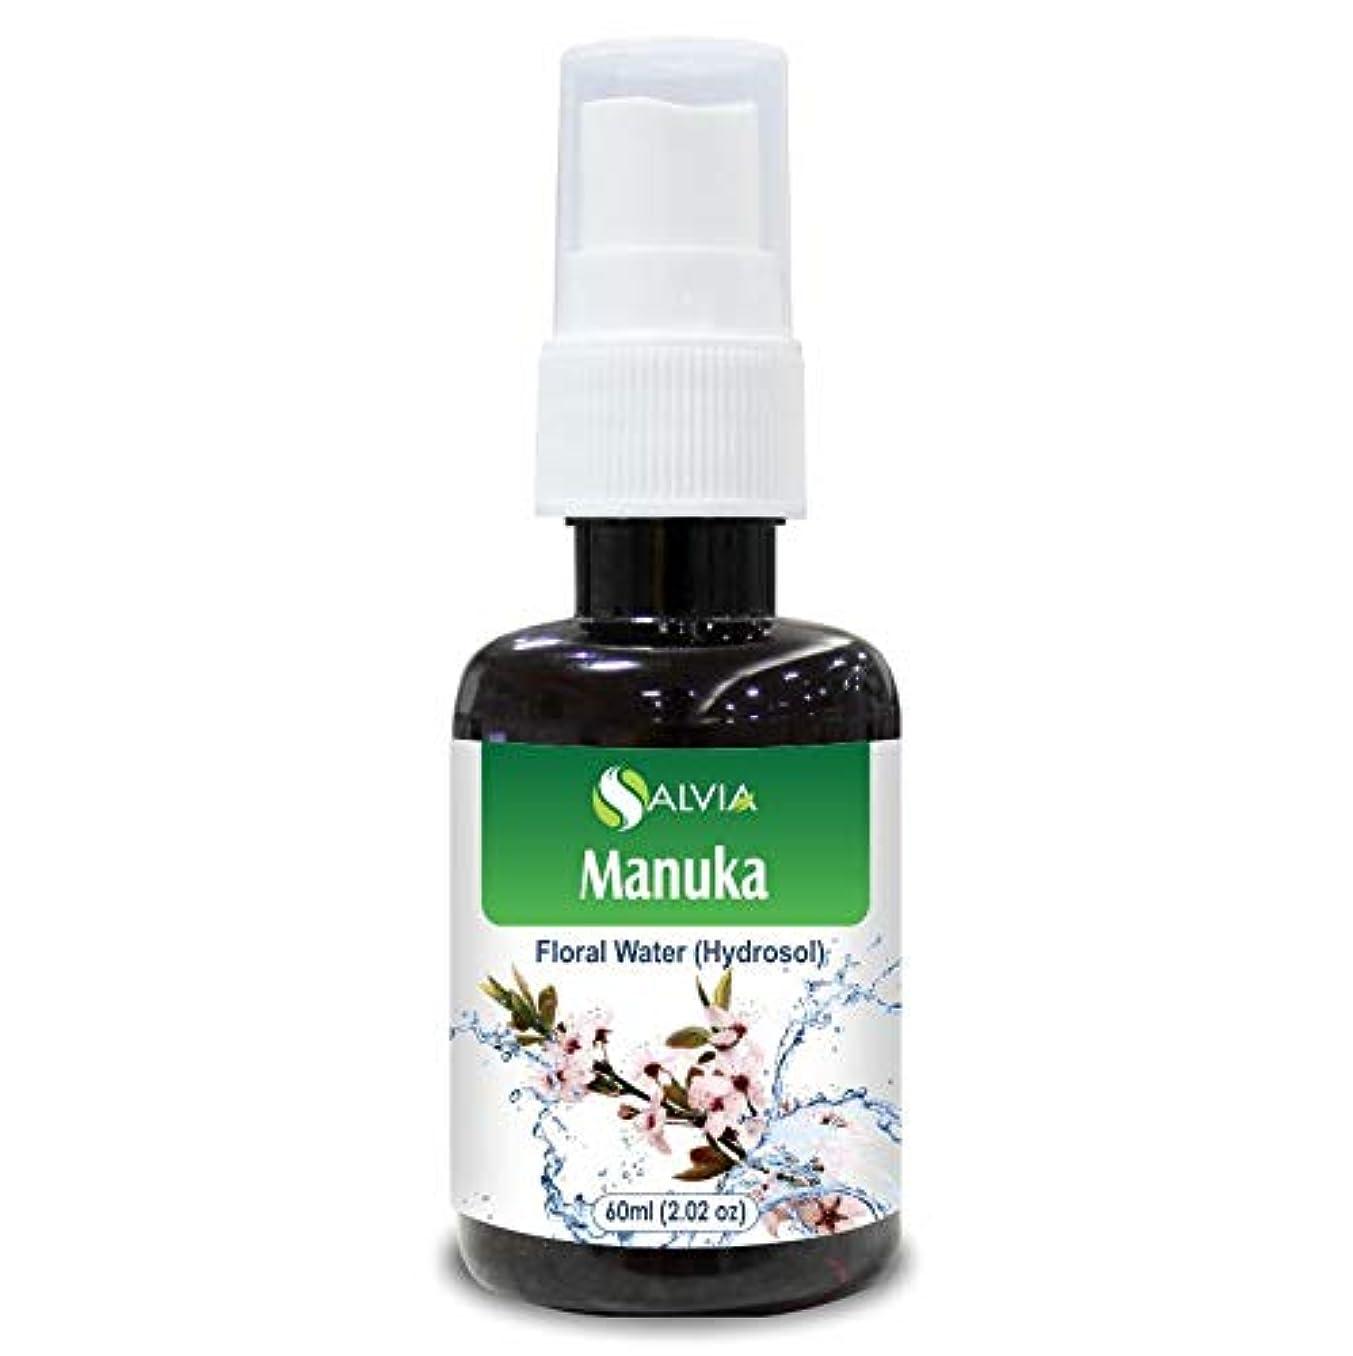 アンビエントバブル裏切り者Manuka Floral Water 60ml (Hydrosol) 100% Pure And Natural